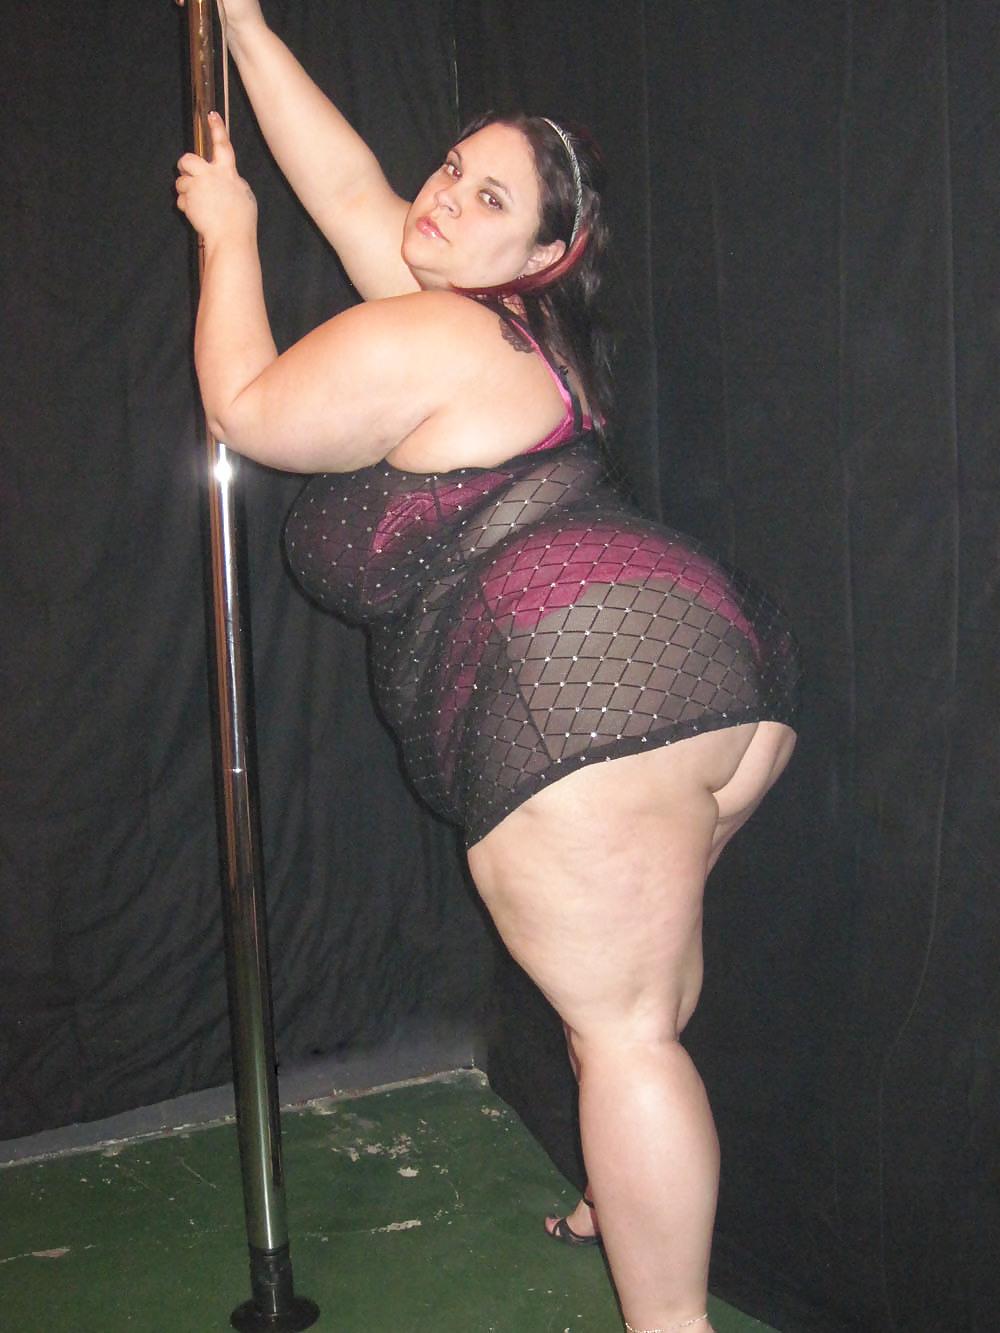 Striptease Archives